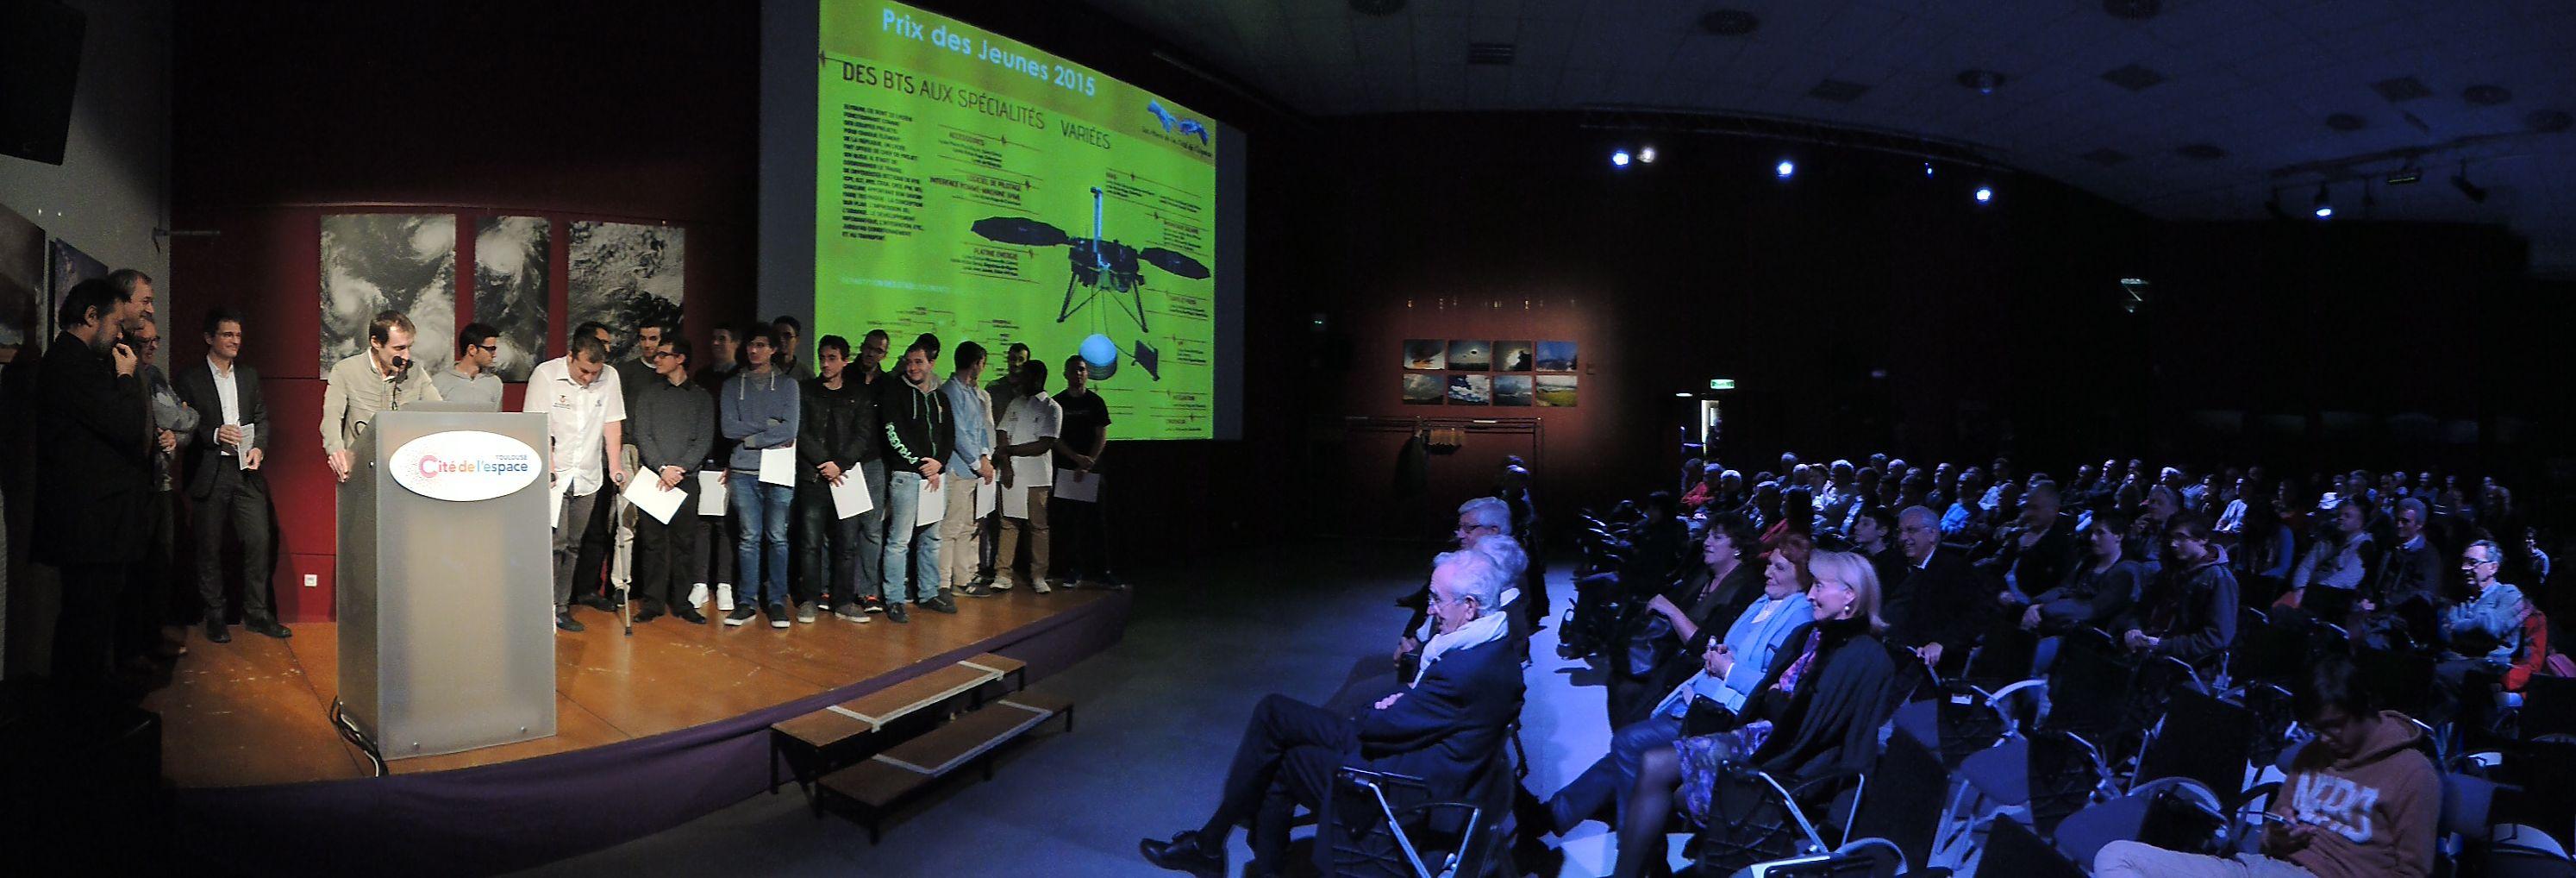 Prix des Amis de la Cité de l'espace - Prix jeunes 2015 - --